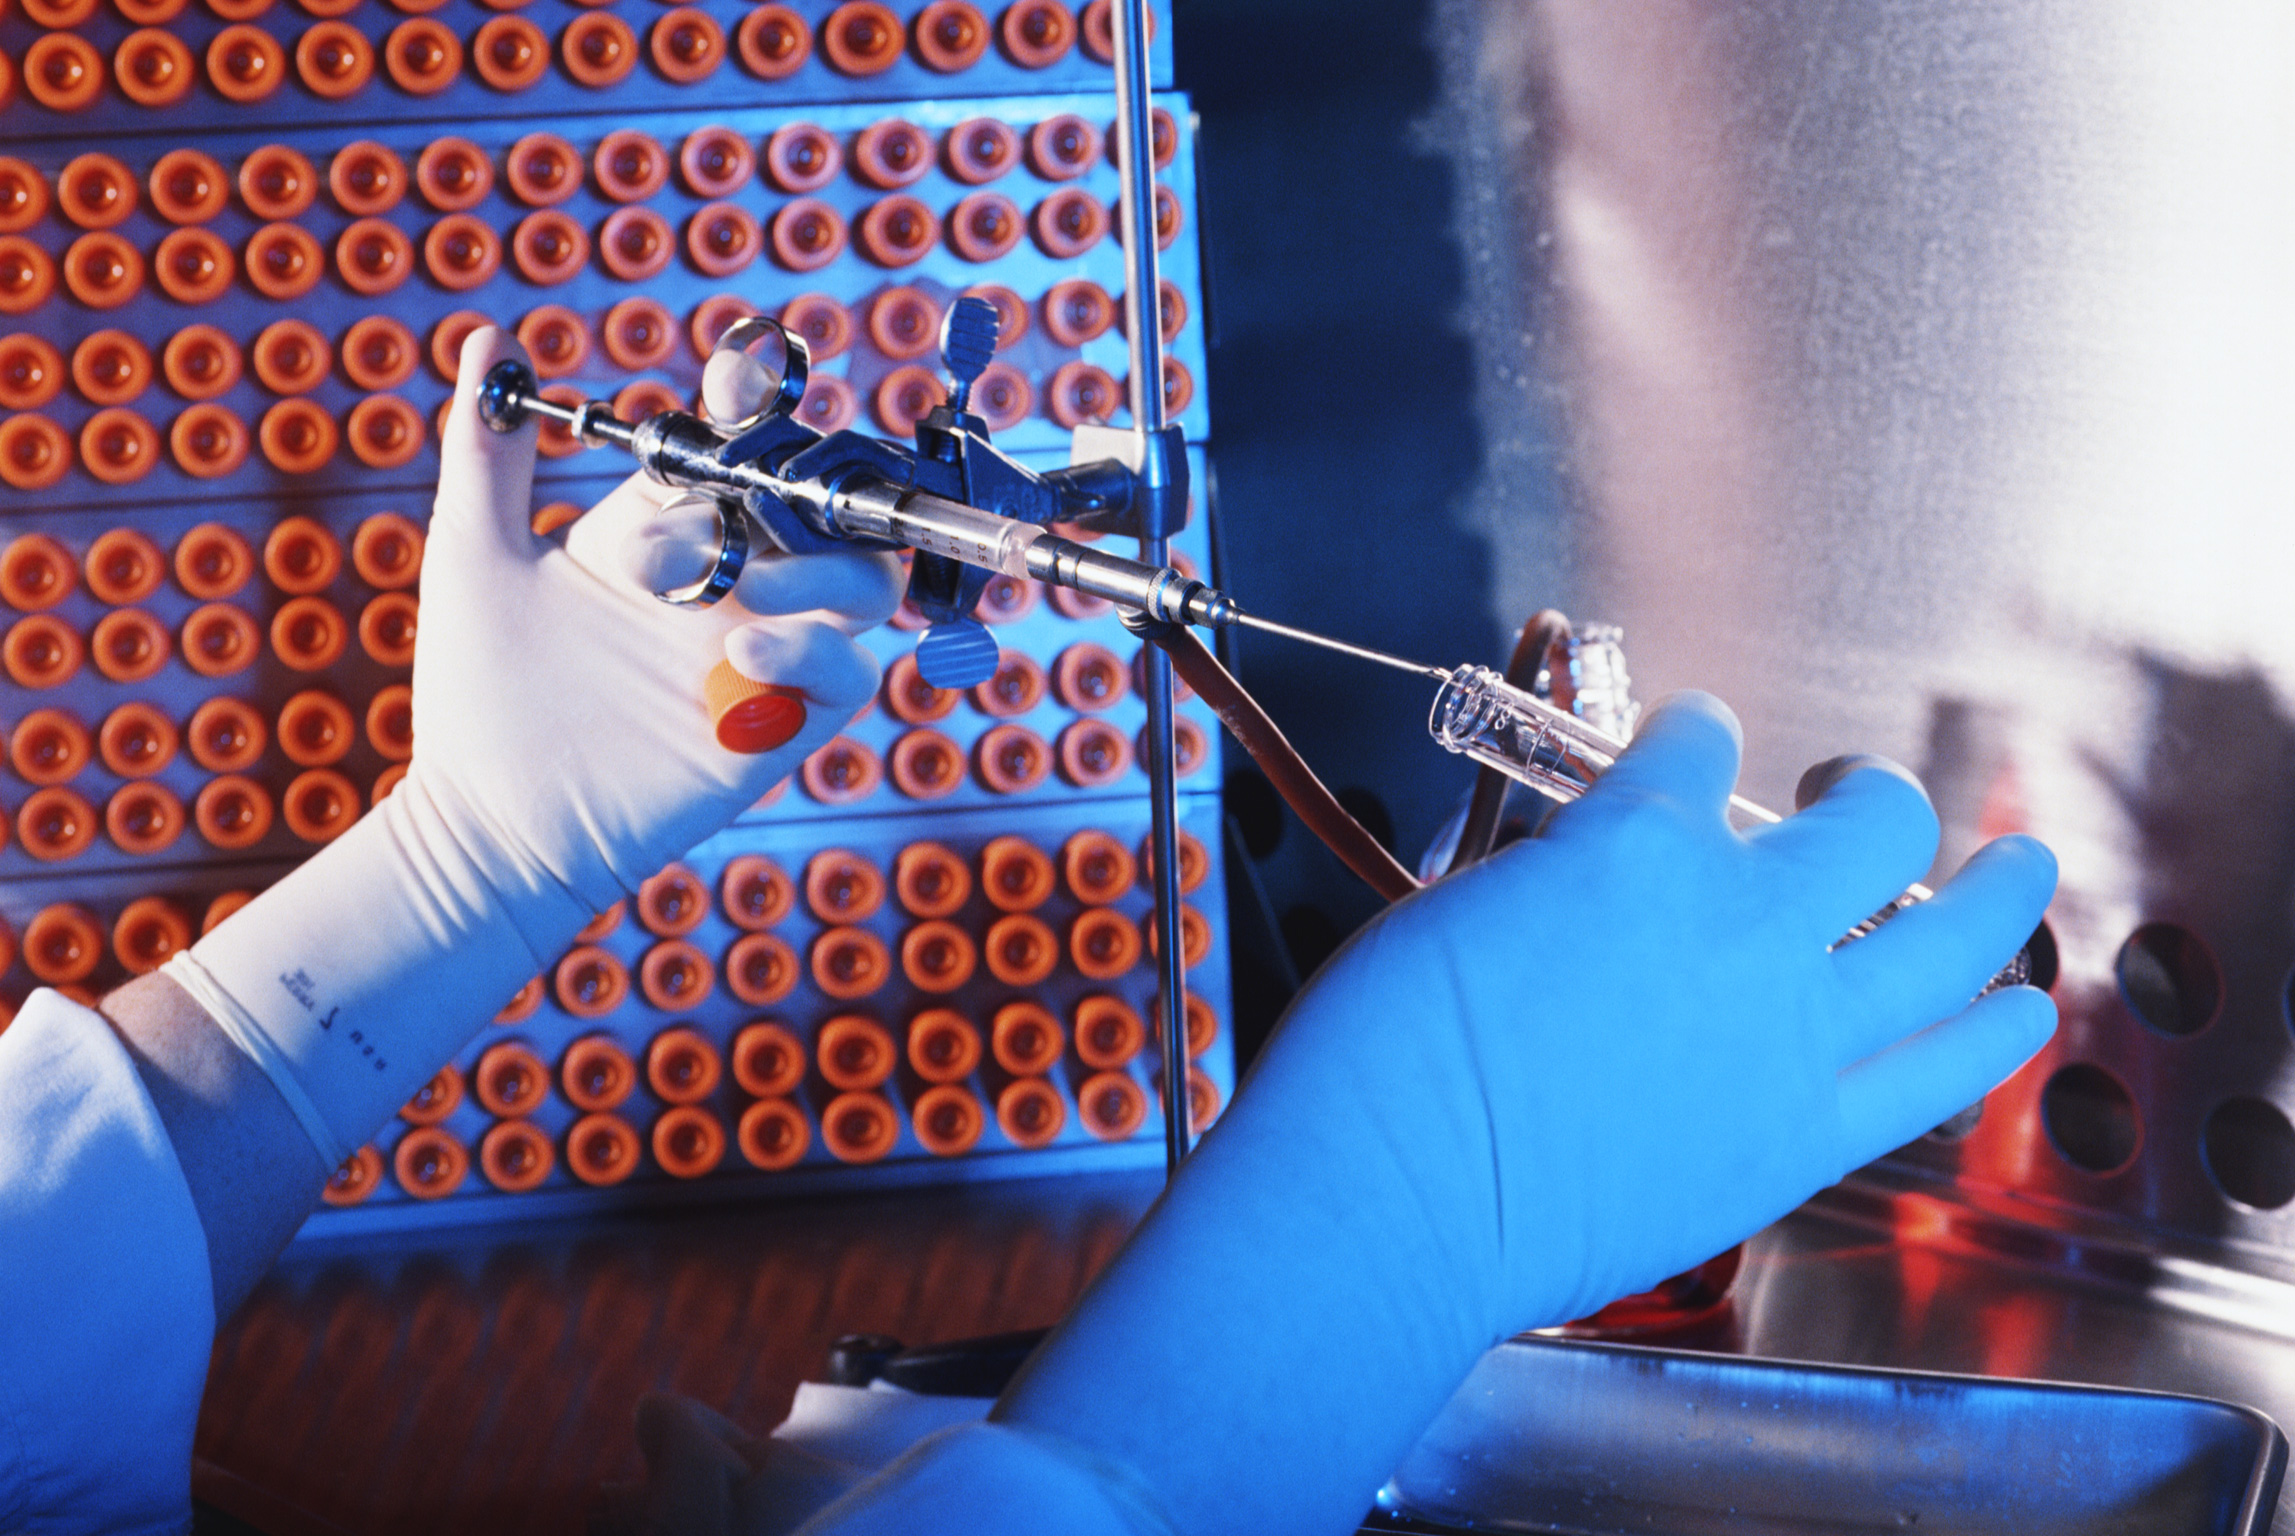 Científicos españoles descubren cómo cultivar células madre más seguras